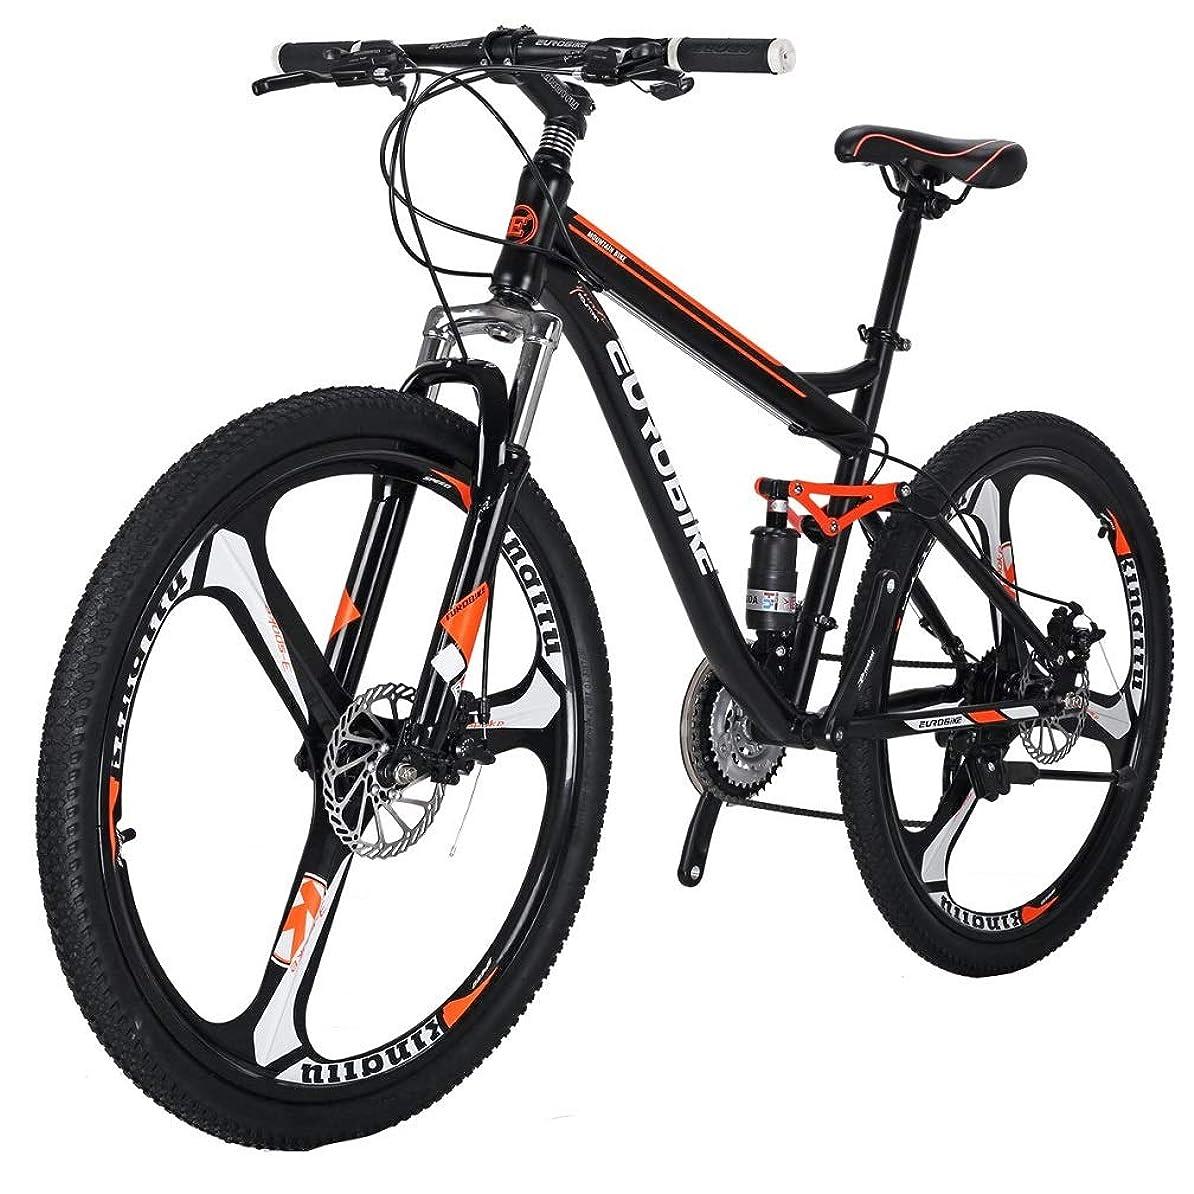 ショートカットかもめ配置EUROBIKE S7 マウンテンバイク MTB 27.5 21変速 前後のディスクブレーキ 3本スポーク車輪 通勤通学 自転車 Black/Orange